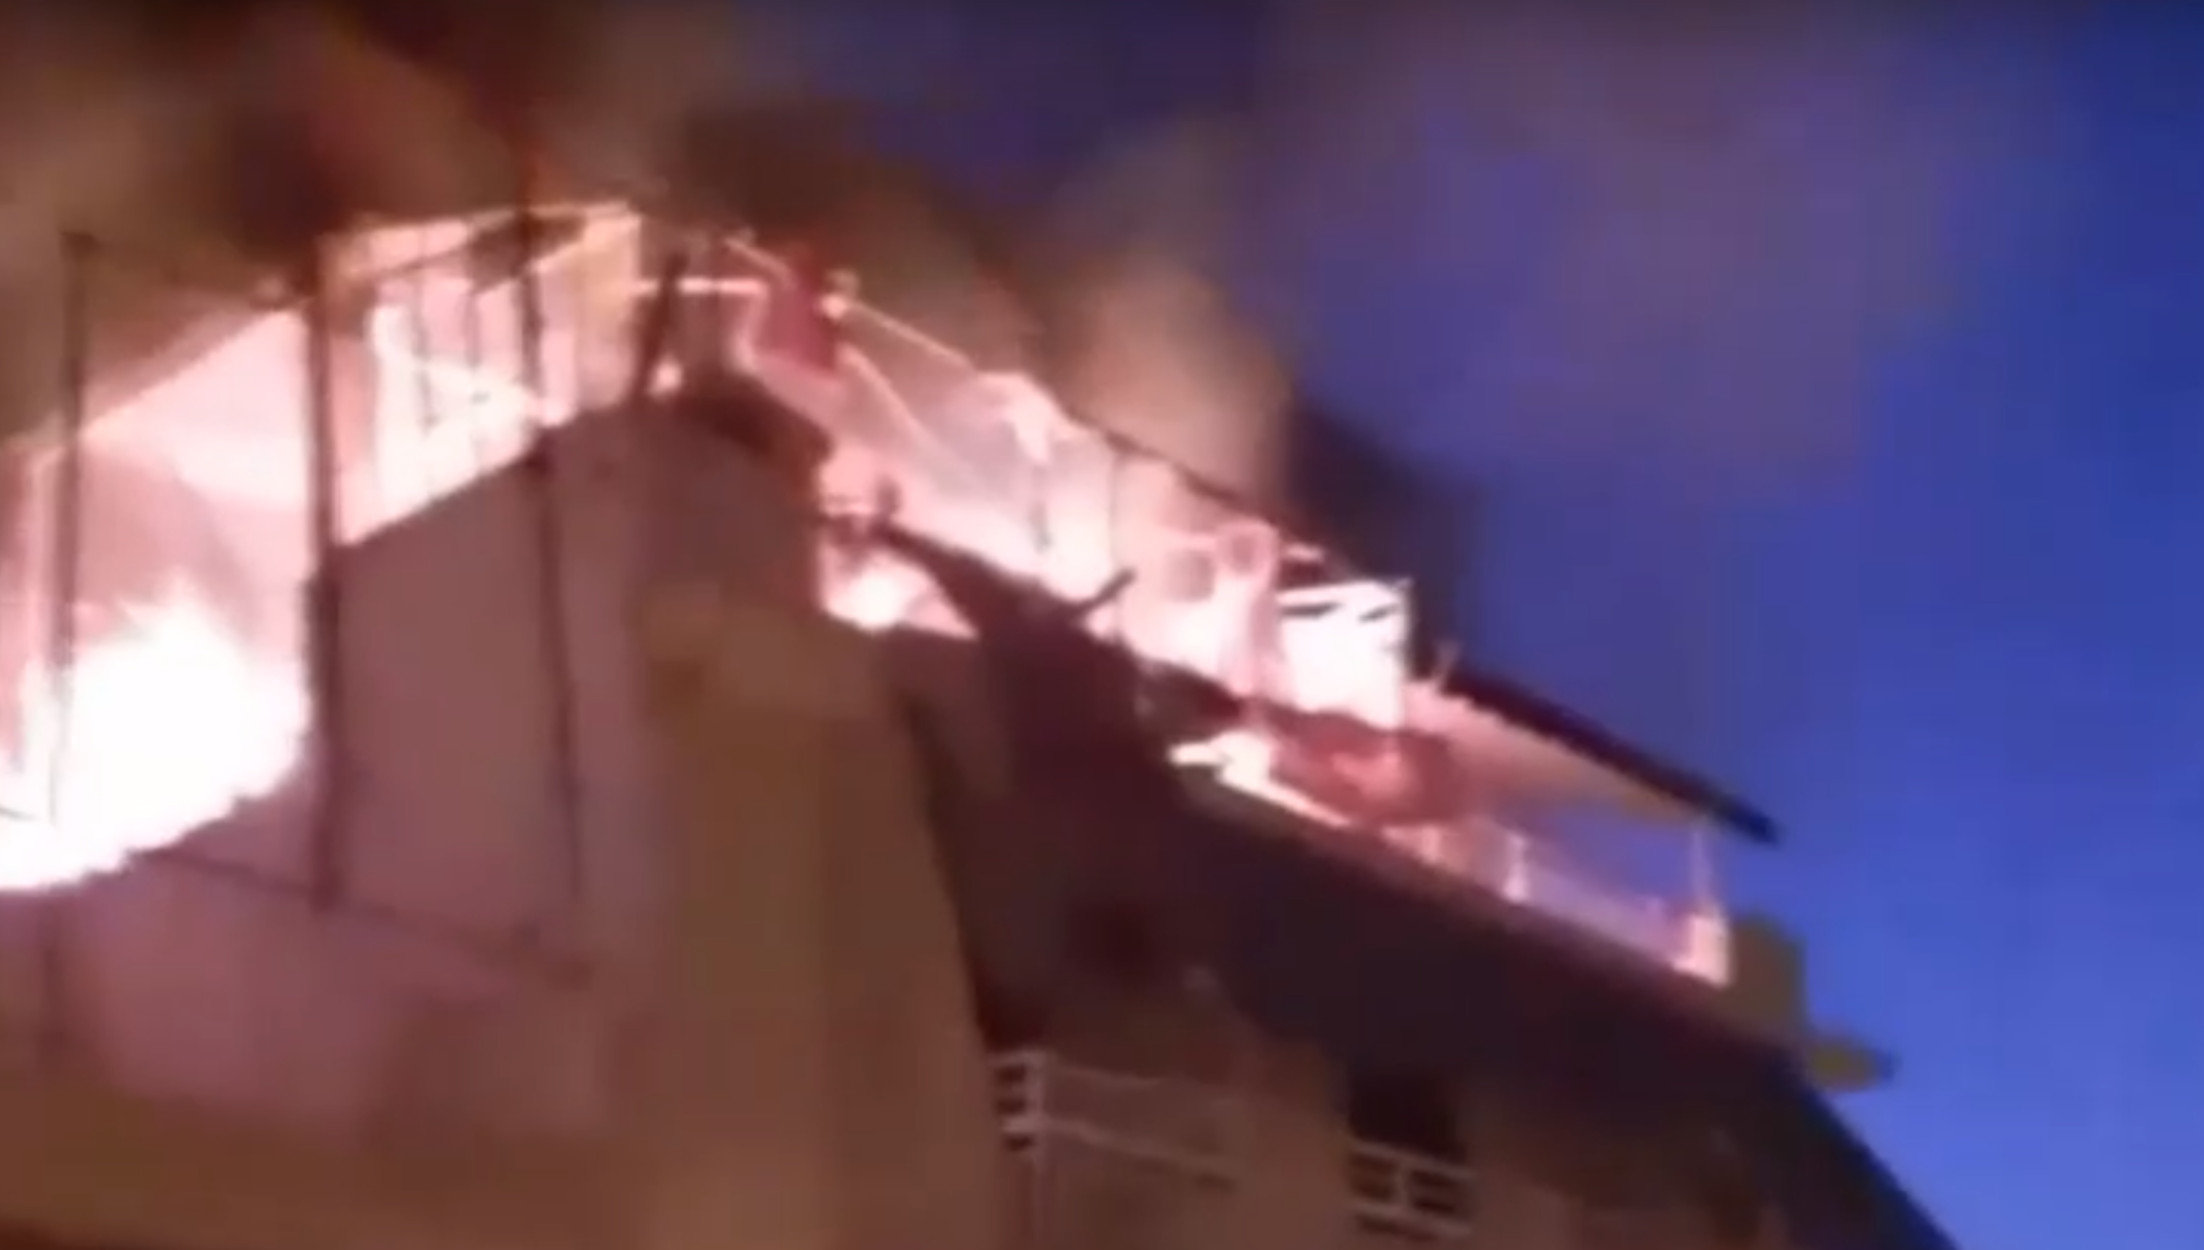 Κάτω Πατήσια: Βίντεο ντοκουμέντο από την έκρηξη στο διαμέρισμα με δύο νεκρούς